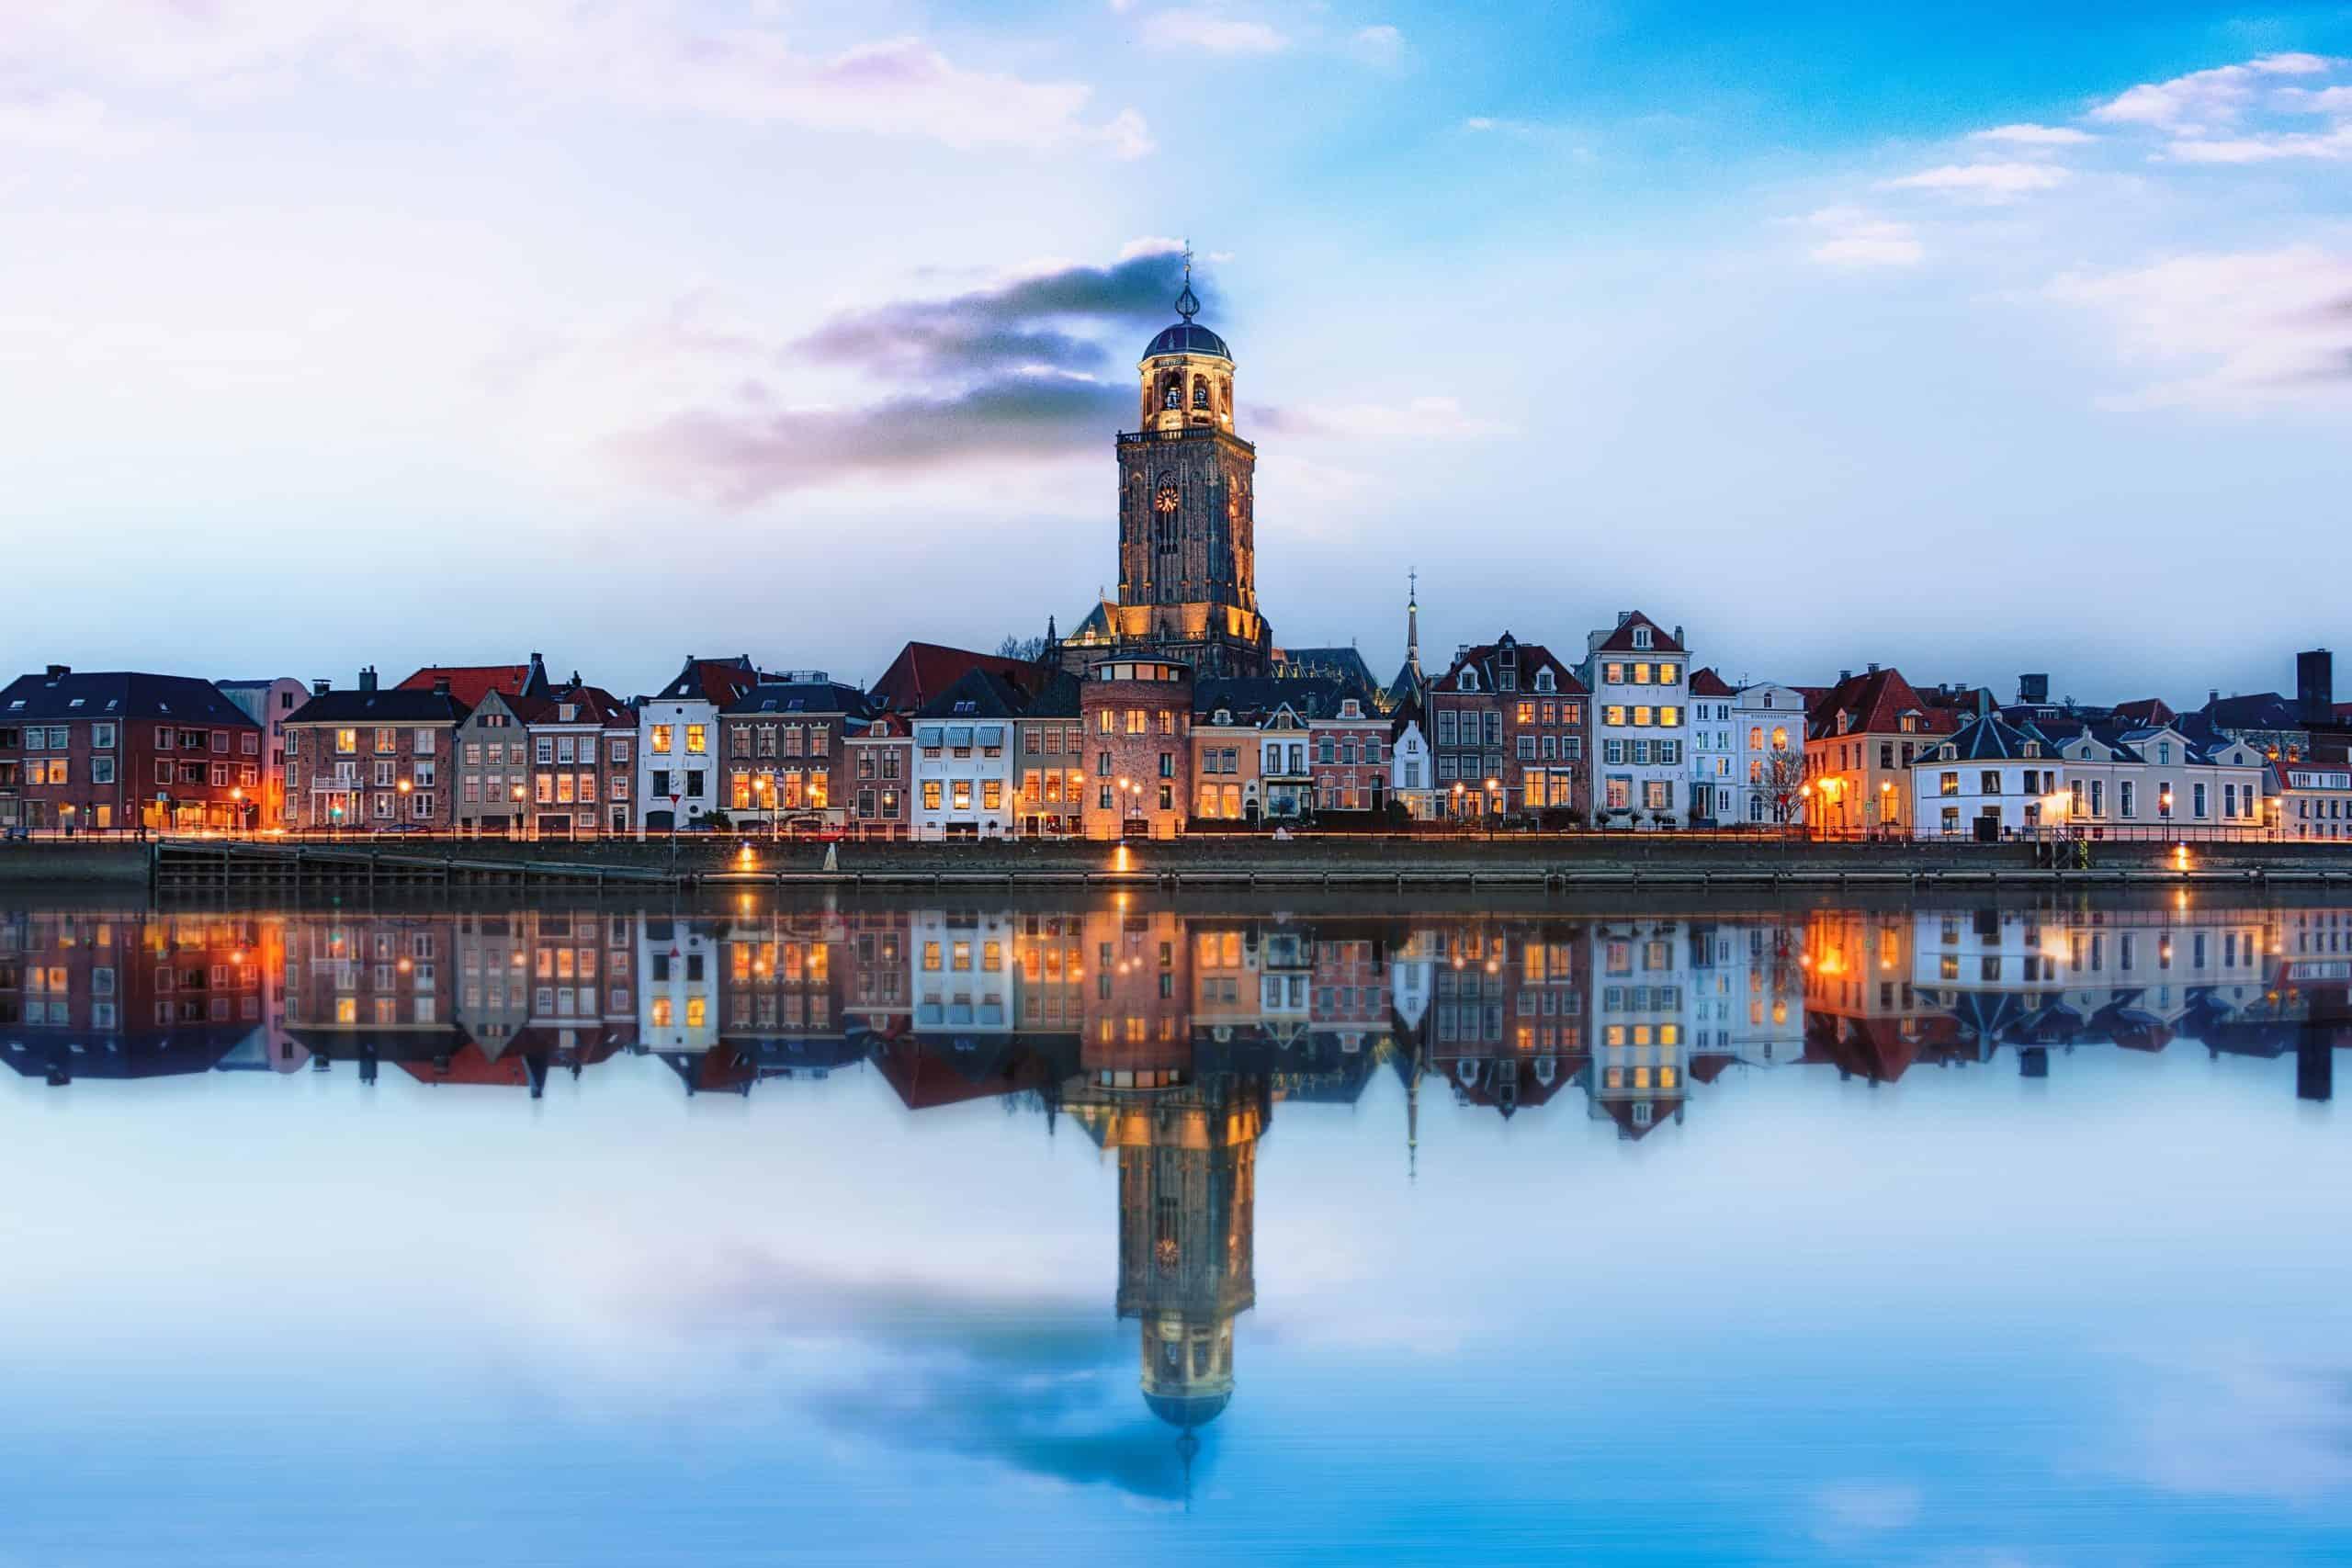 Andare a vivere nei Paesi Bassi - Deventer